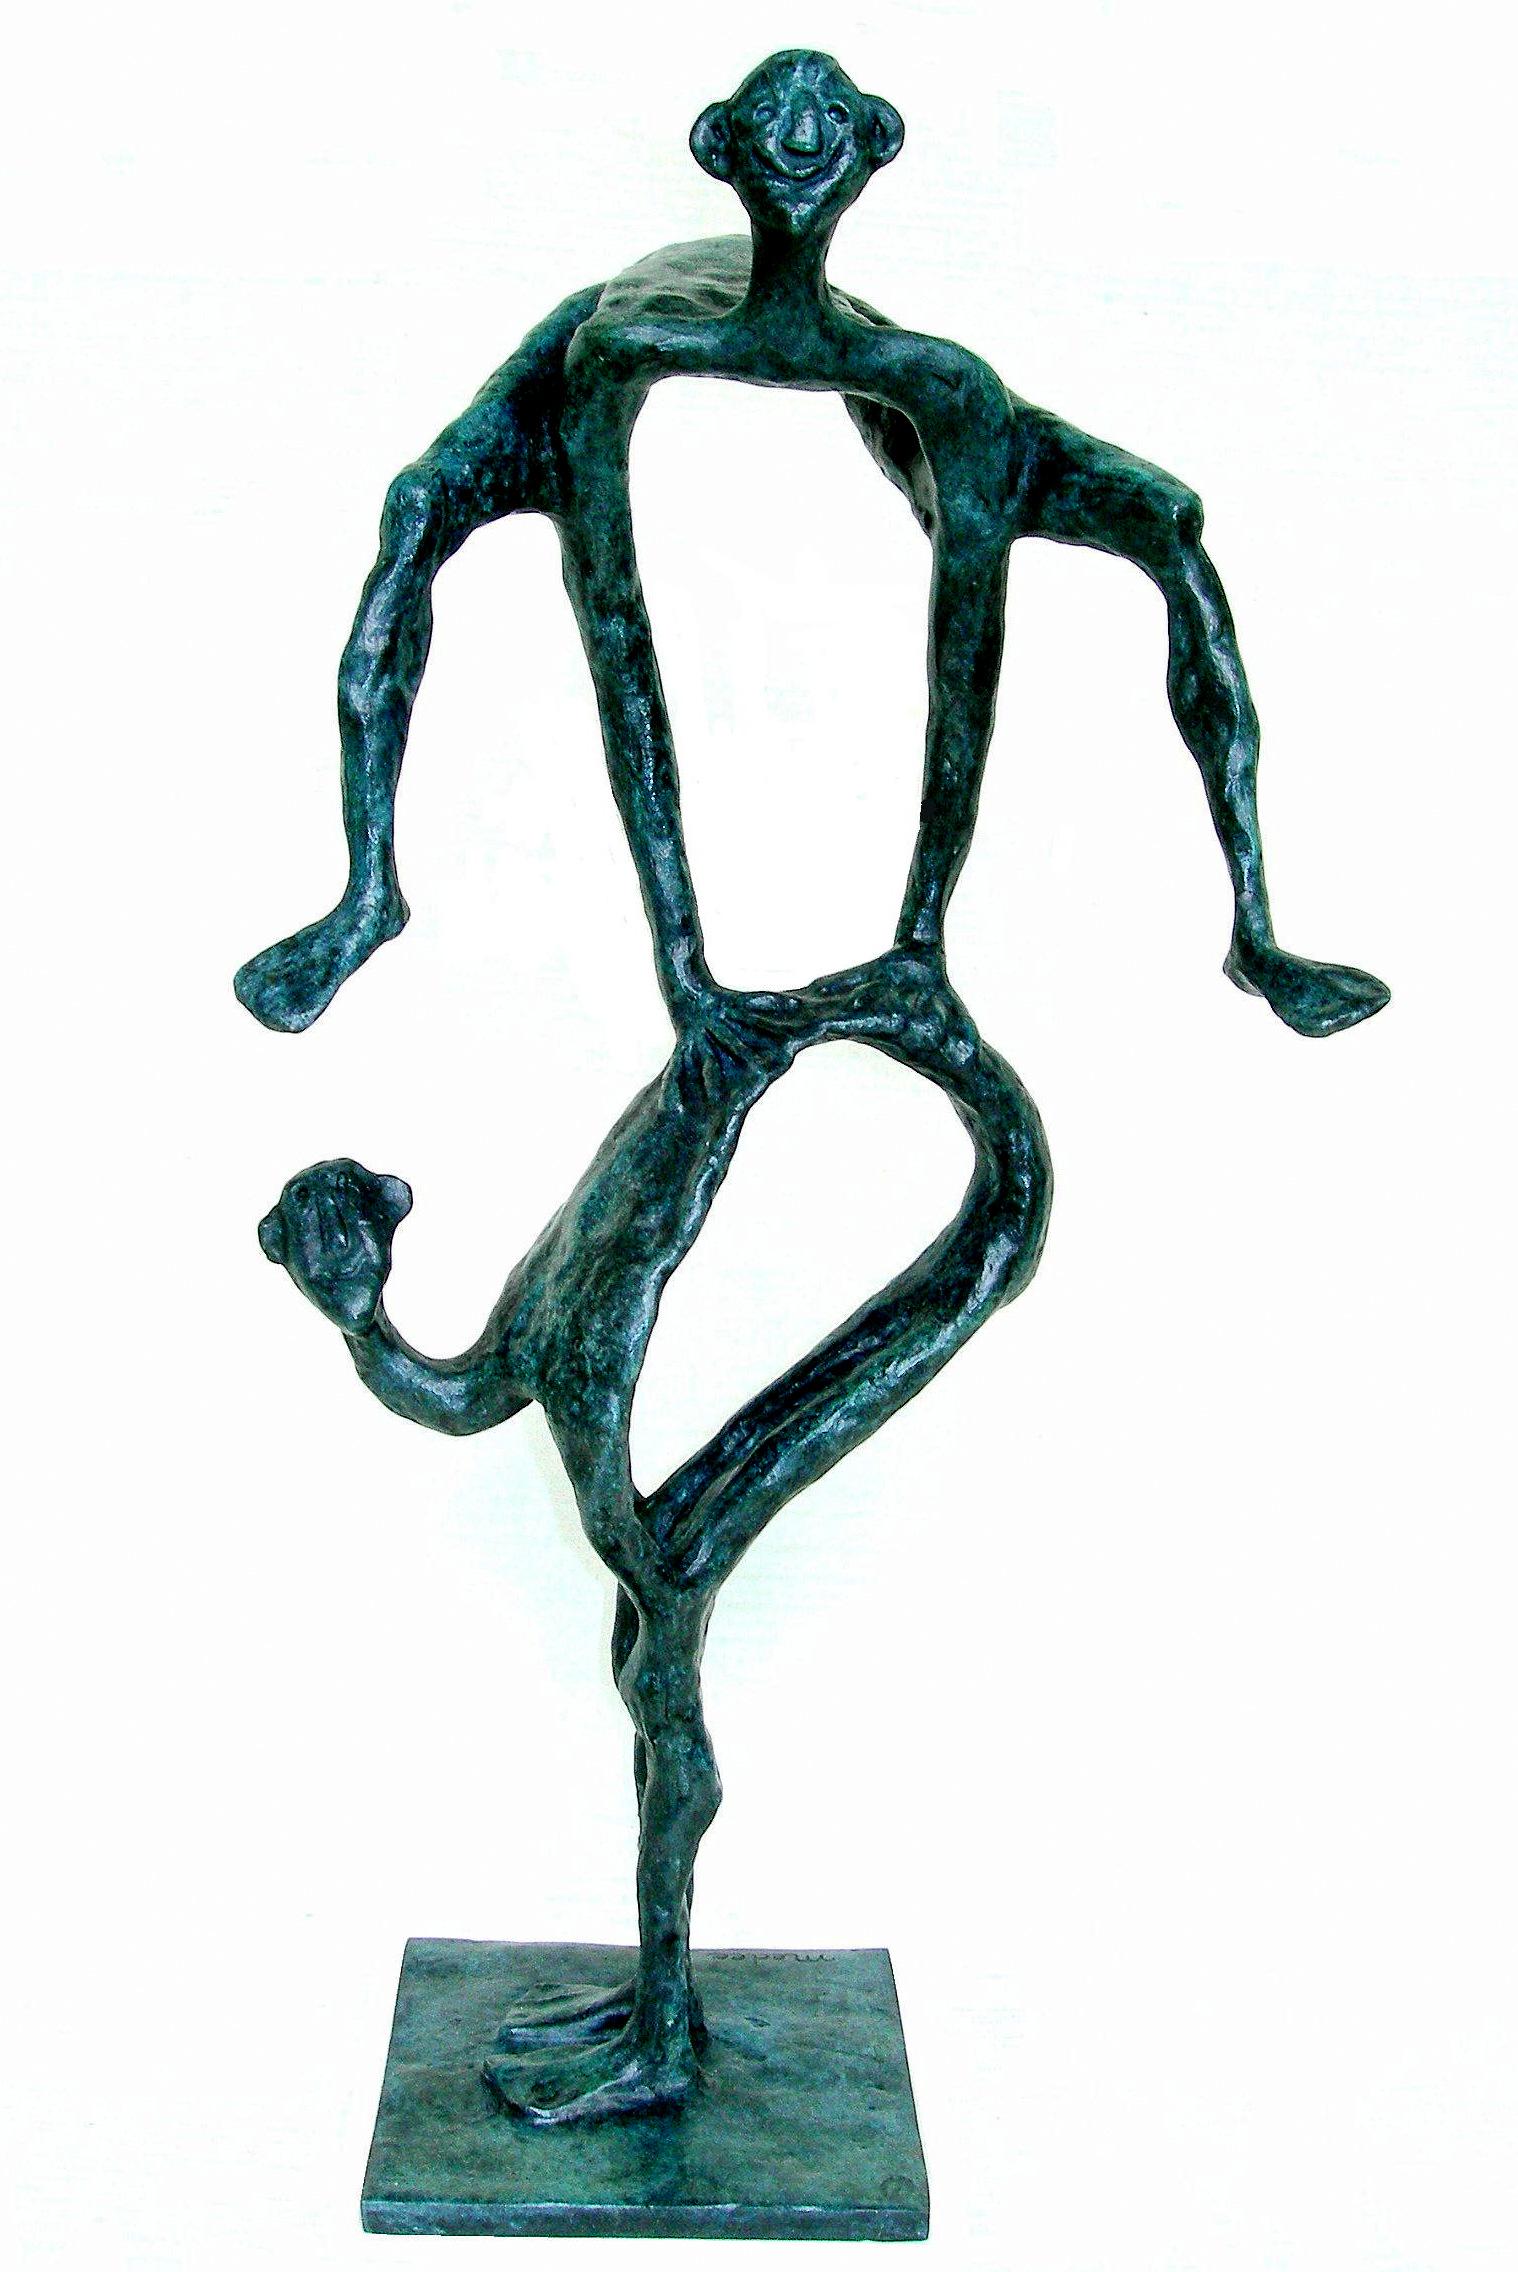 Sculptor Artist Dreamlike Figurative Contemporary Style